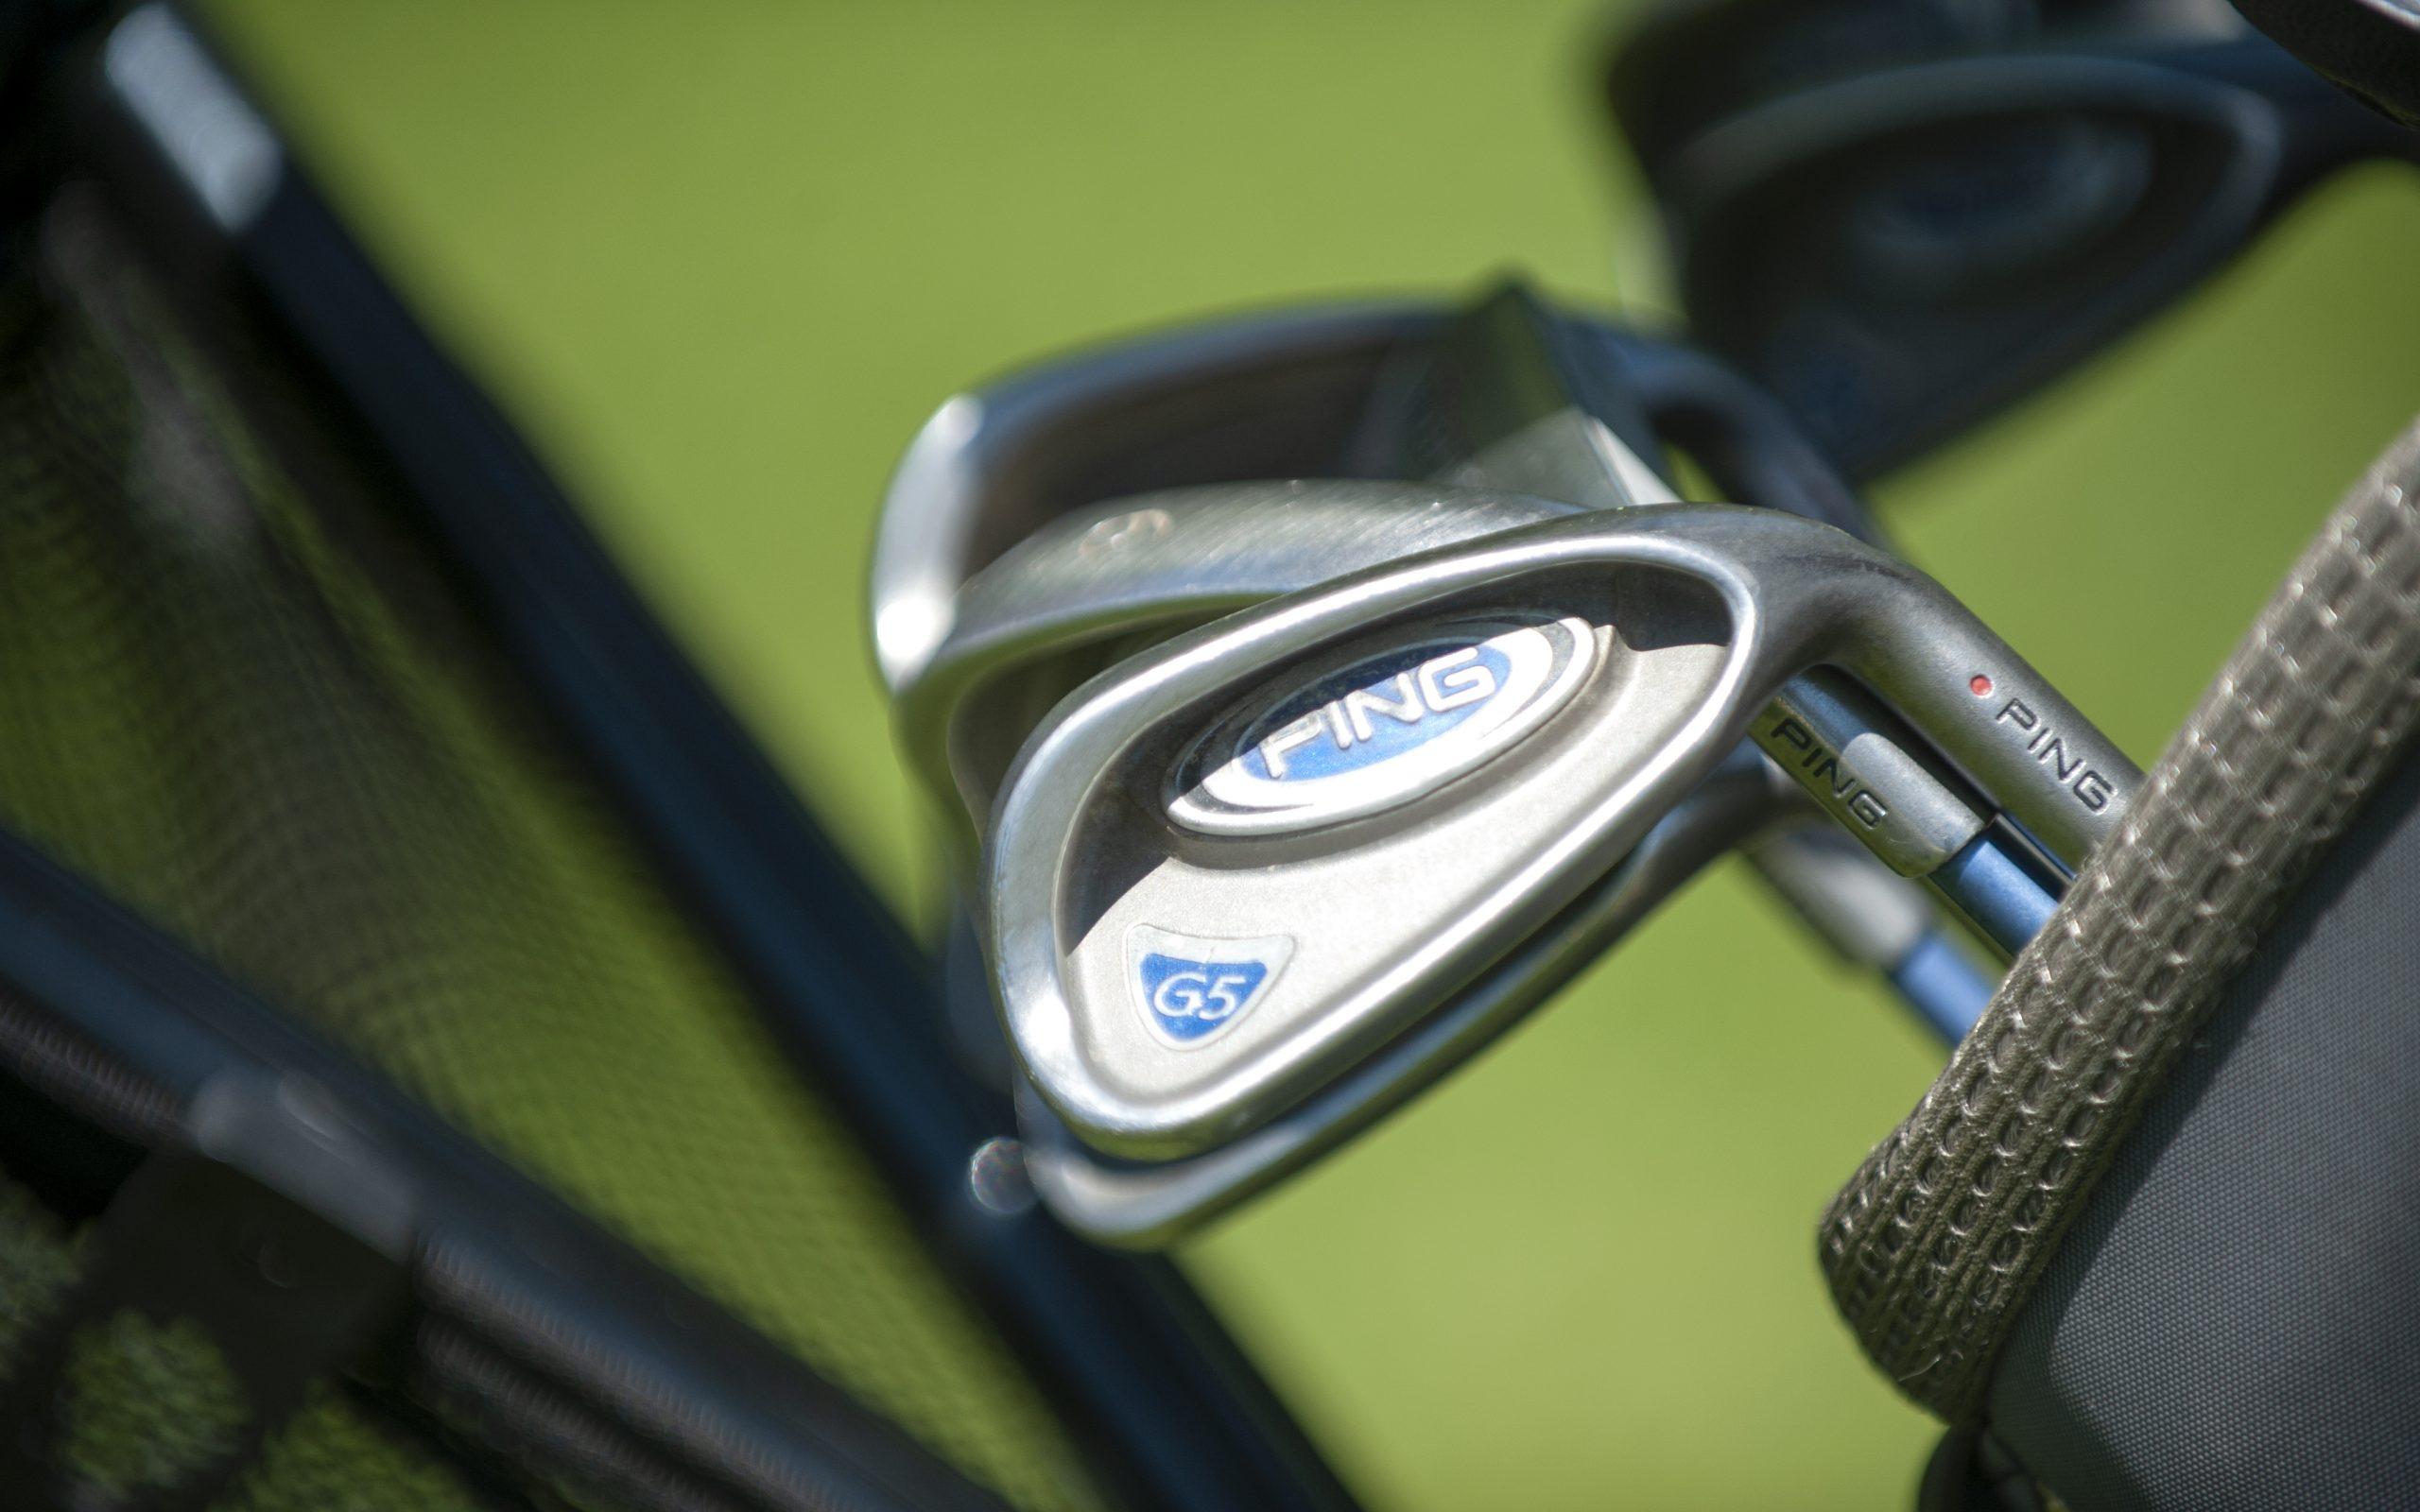 Golf060220 NAW2 3 scaled jpg?fit=2560,1600&ssl=1.'